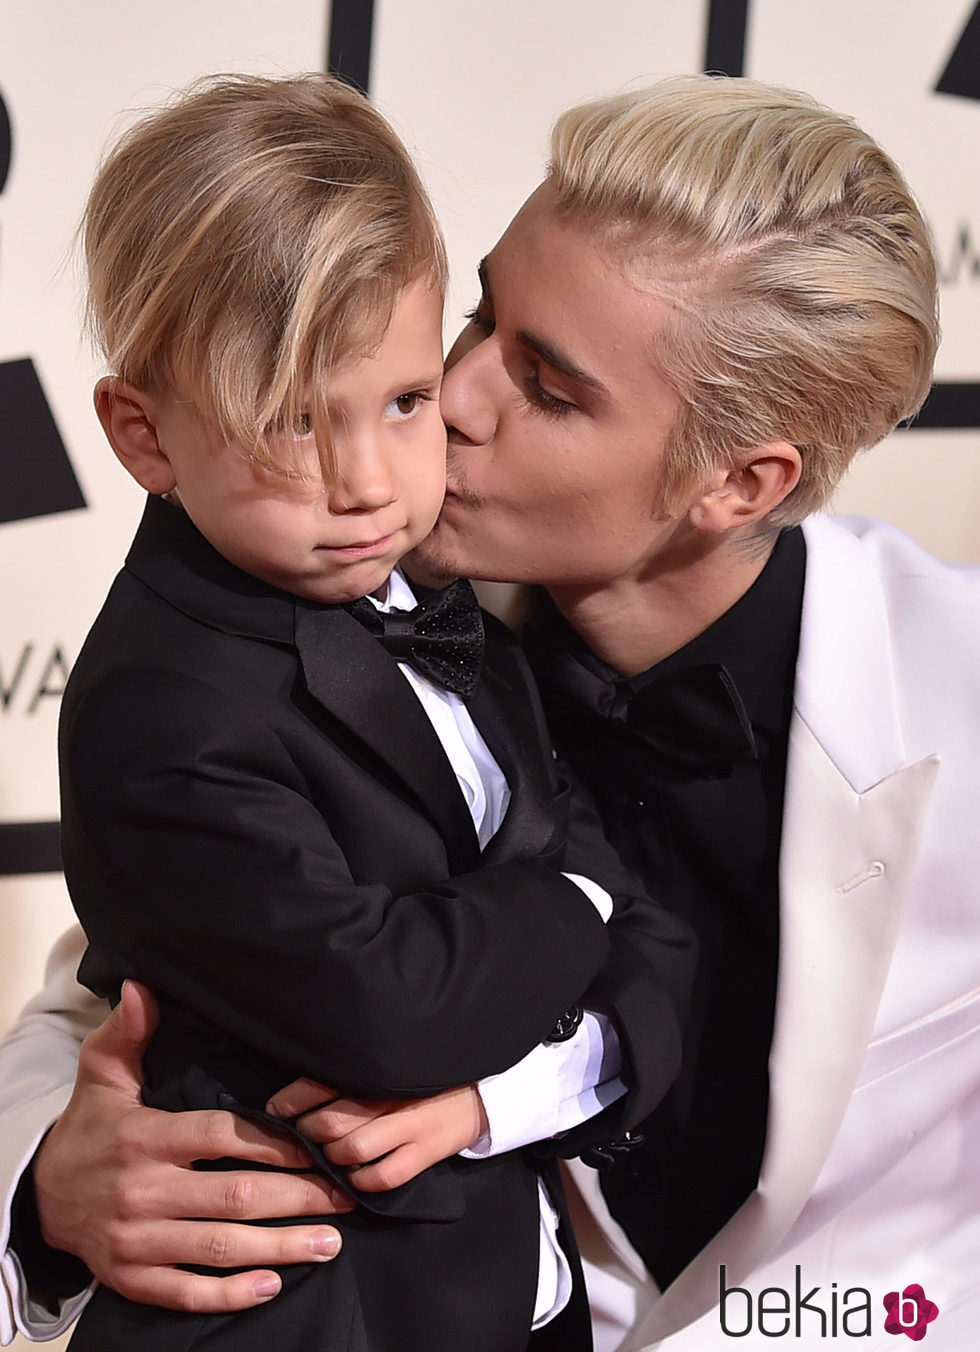 Justin Bieber besando a su hermano Jaxon Bieber en la alfombra roja de los Grammy 2016